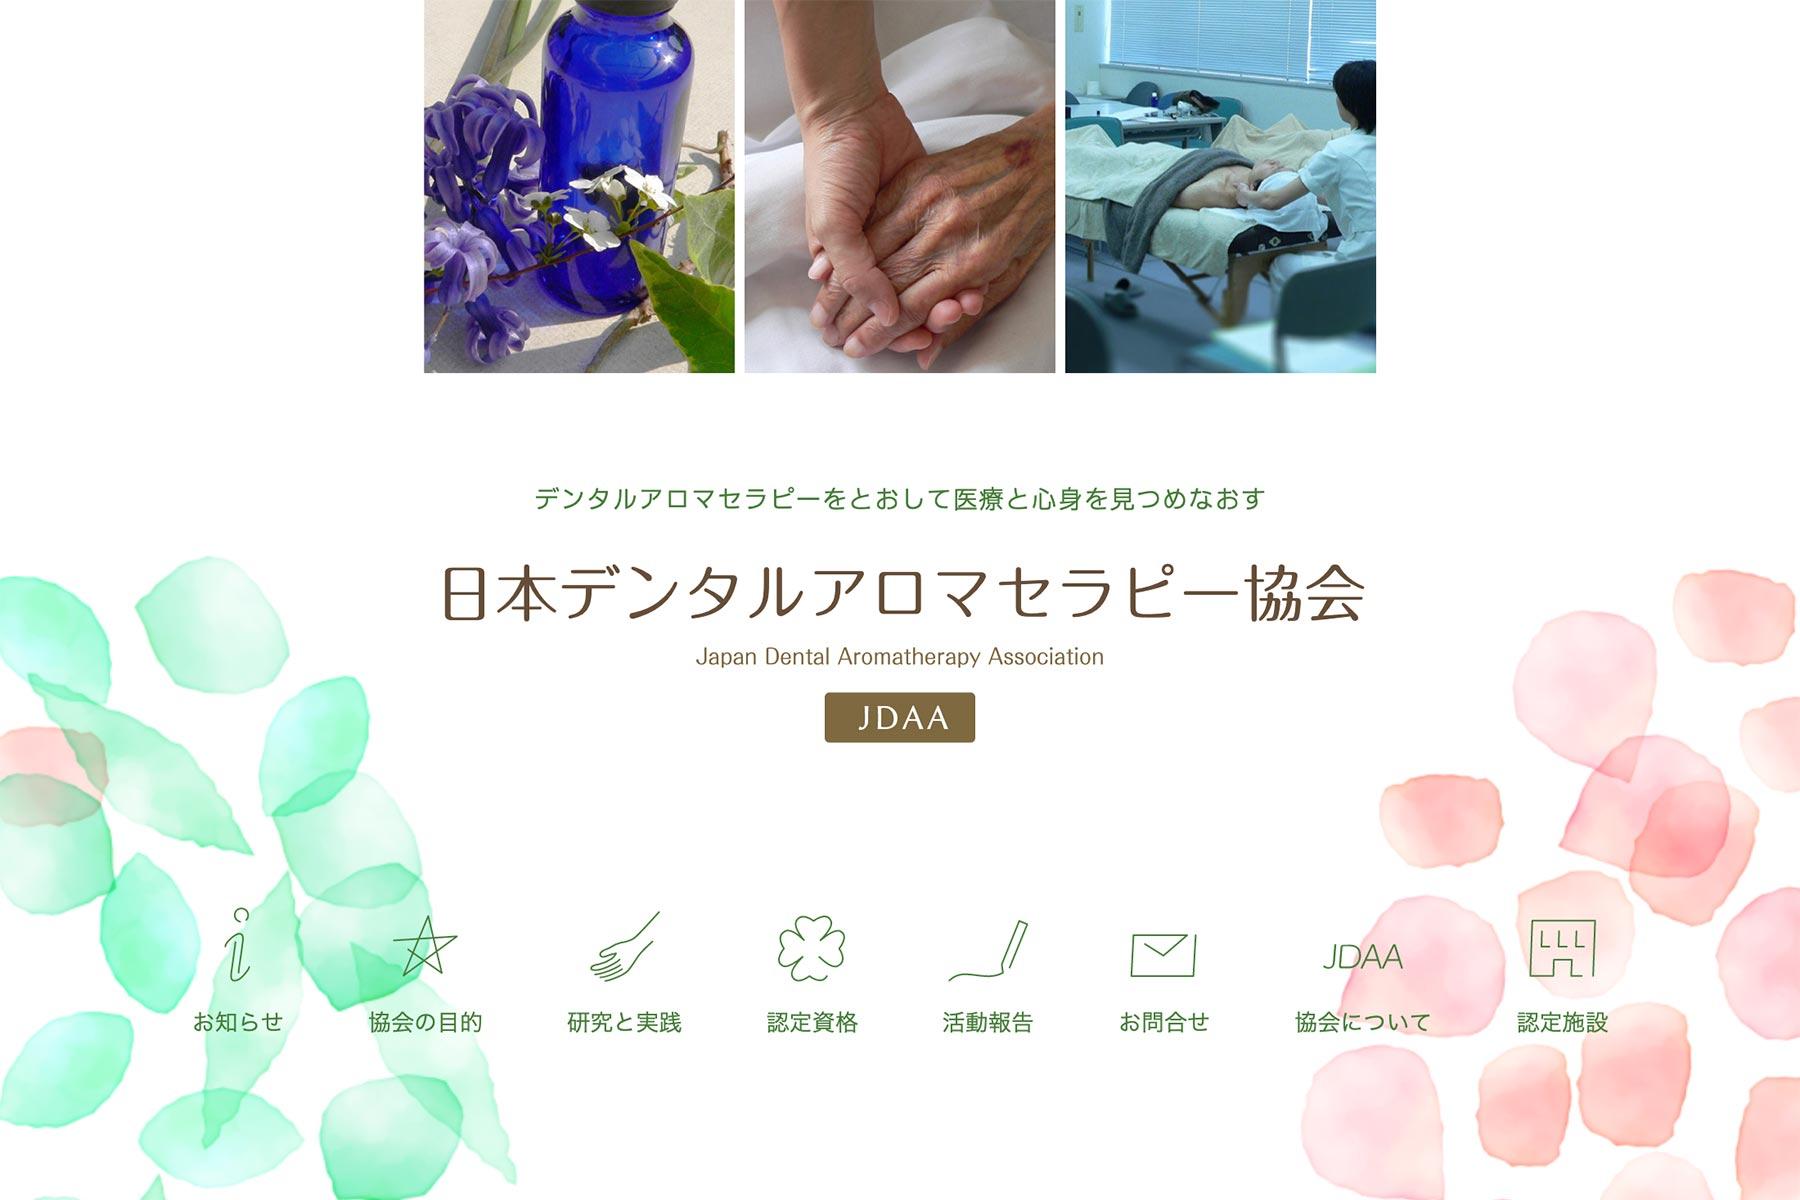 日本デンタルアロマセラピー協会 Webデザイン PC